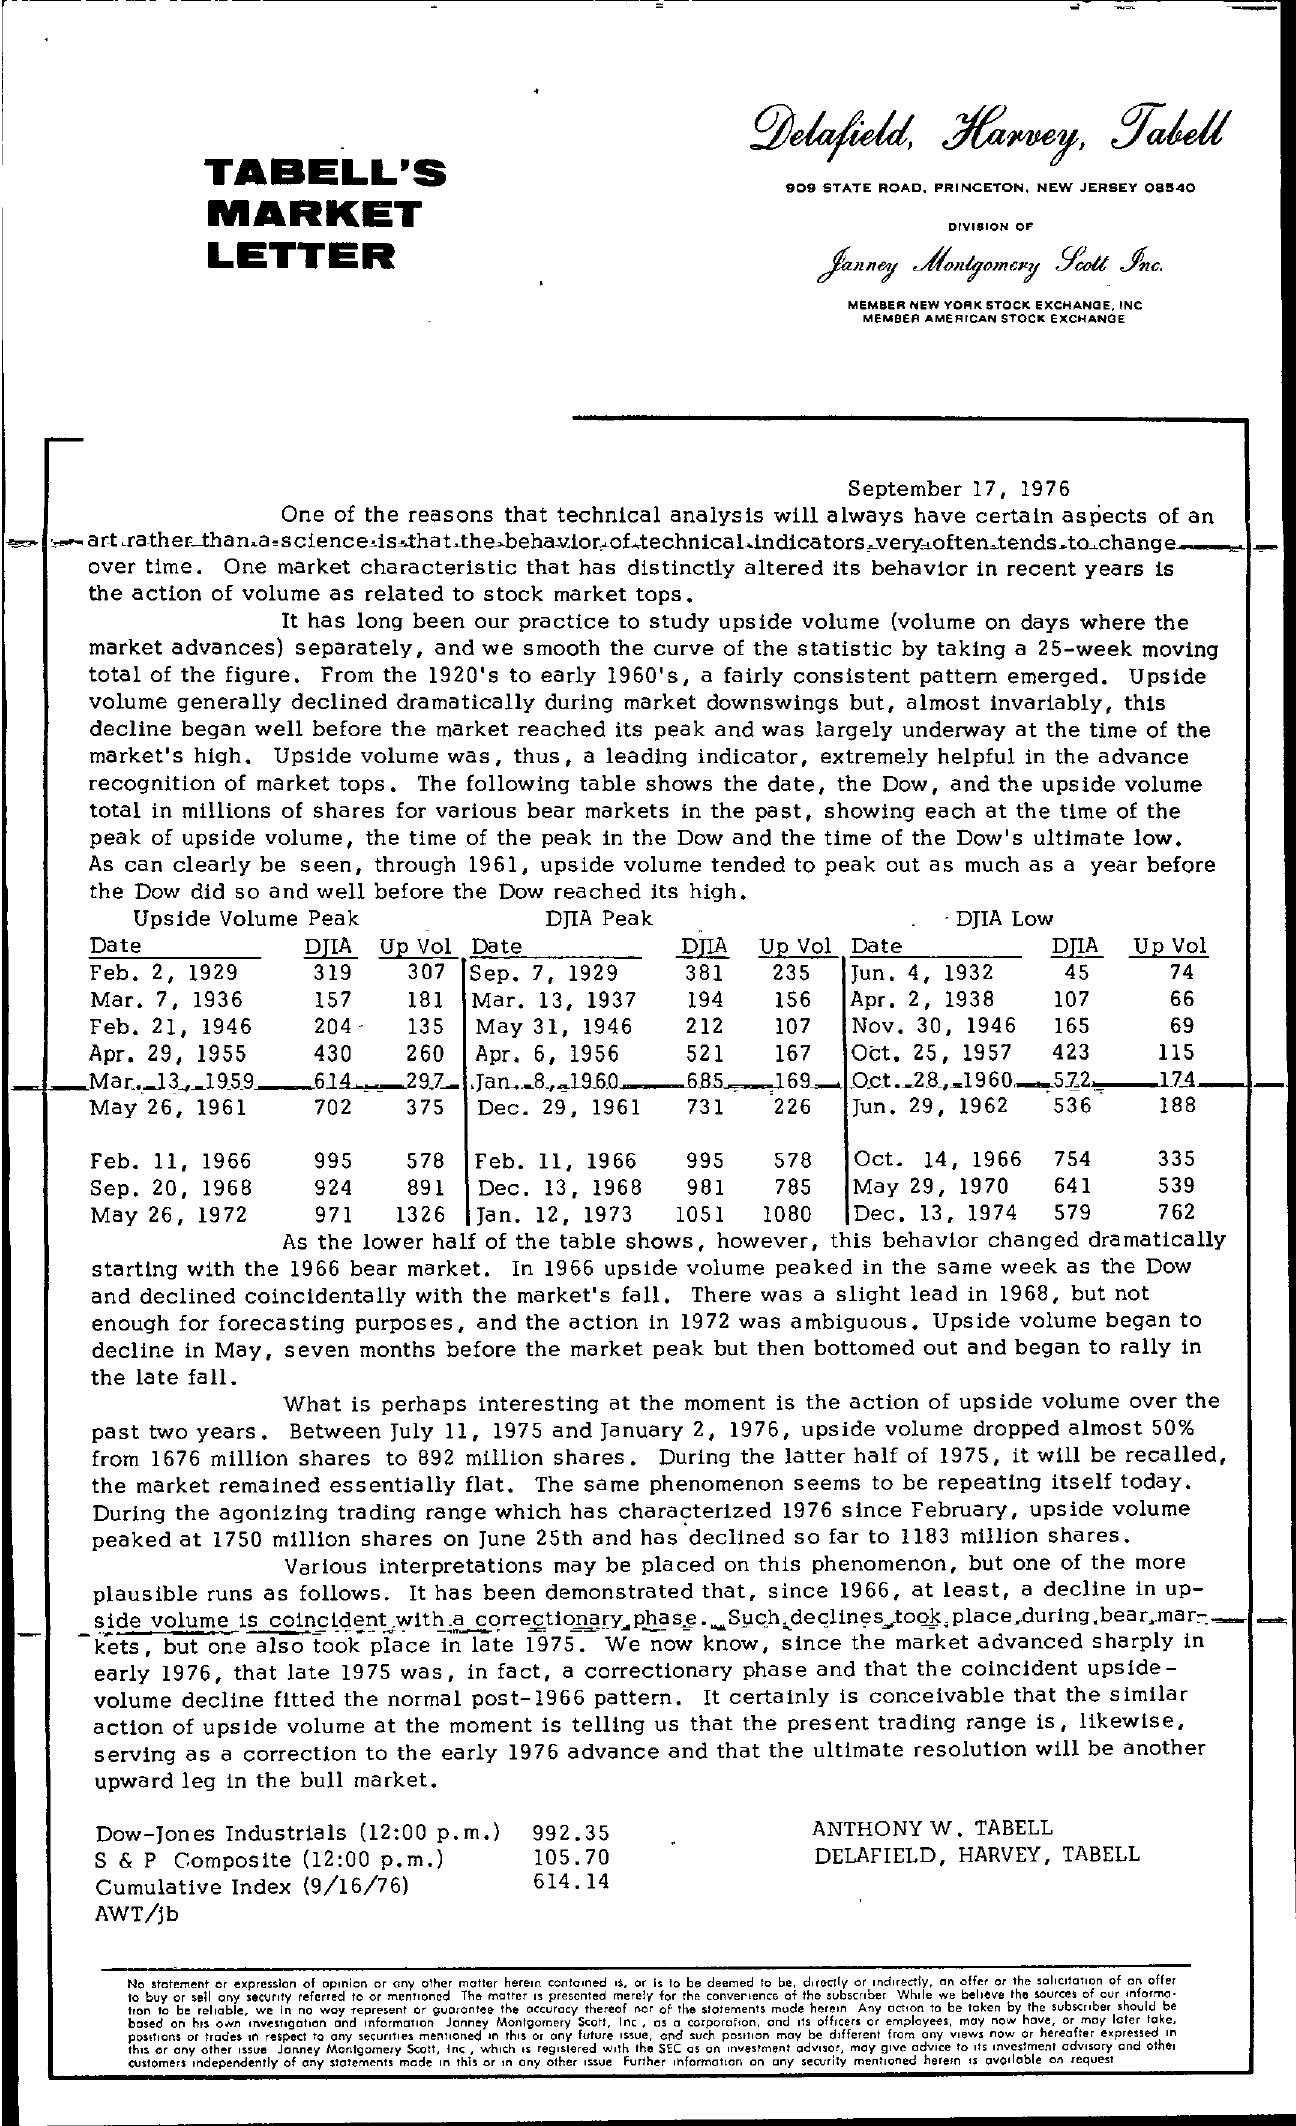 Tabell's Market Letter - September 17, 1976